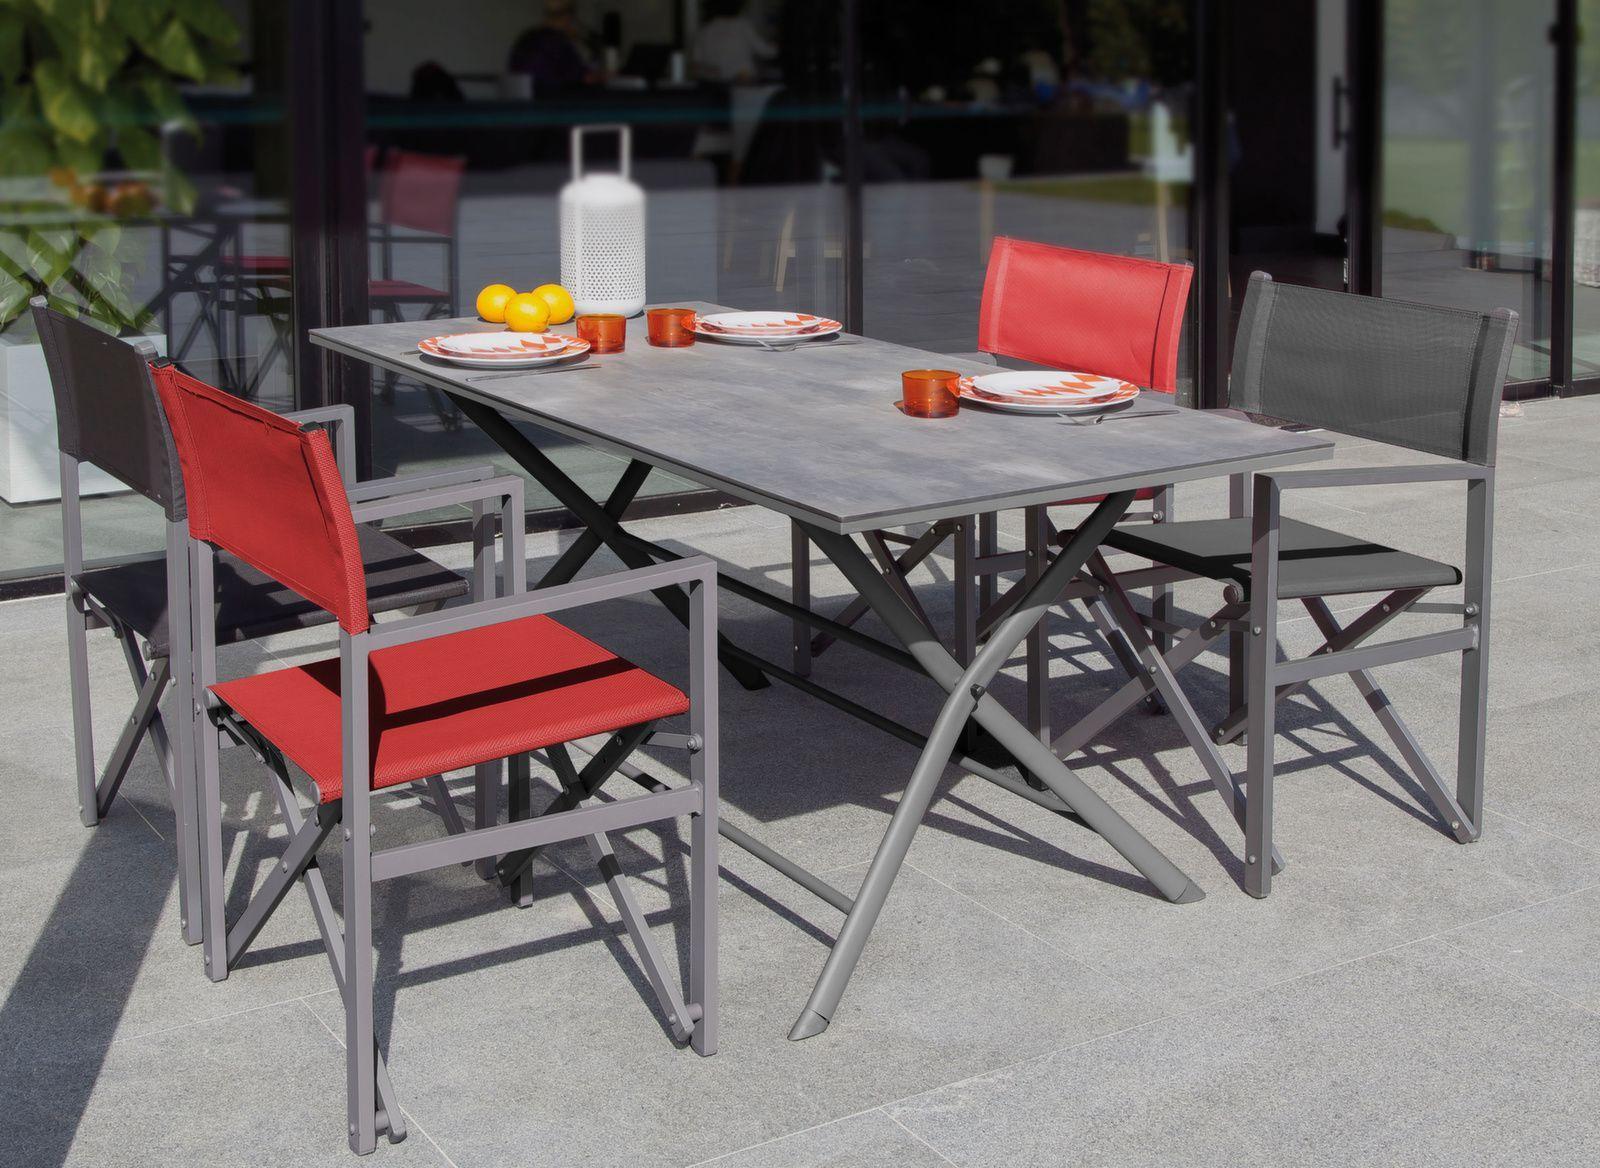 Table Azuro 160x78 cm, Plateau Arpa - table de jardin - mobilier de ...